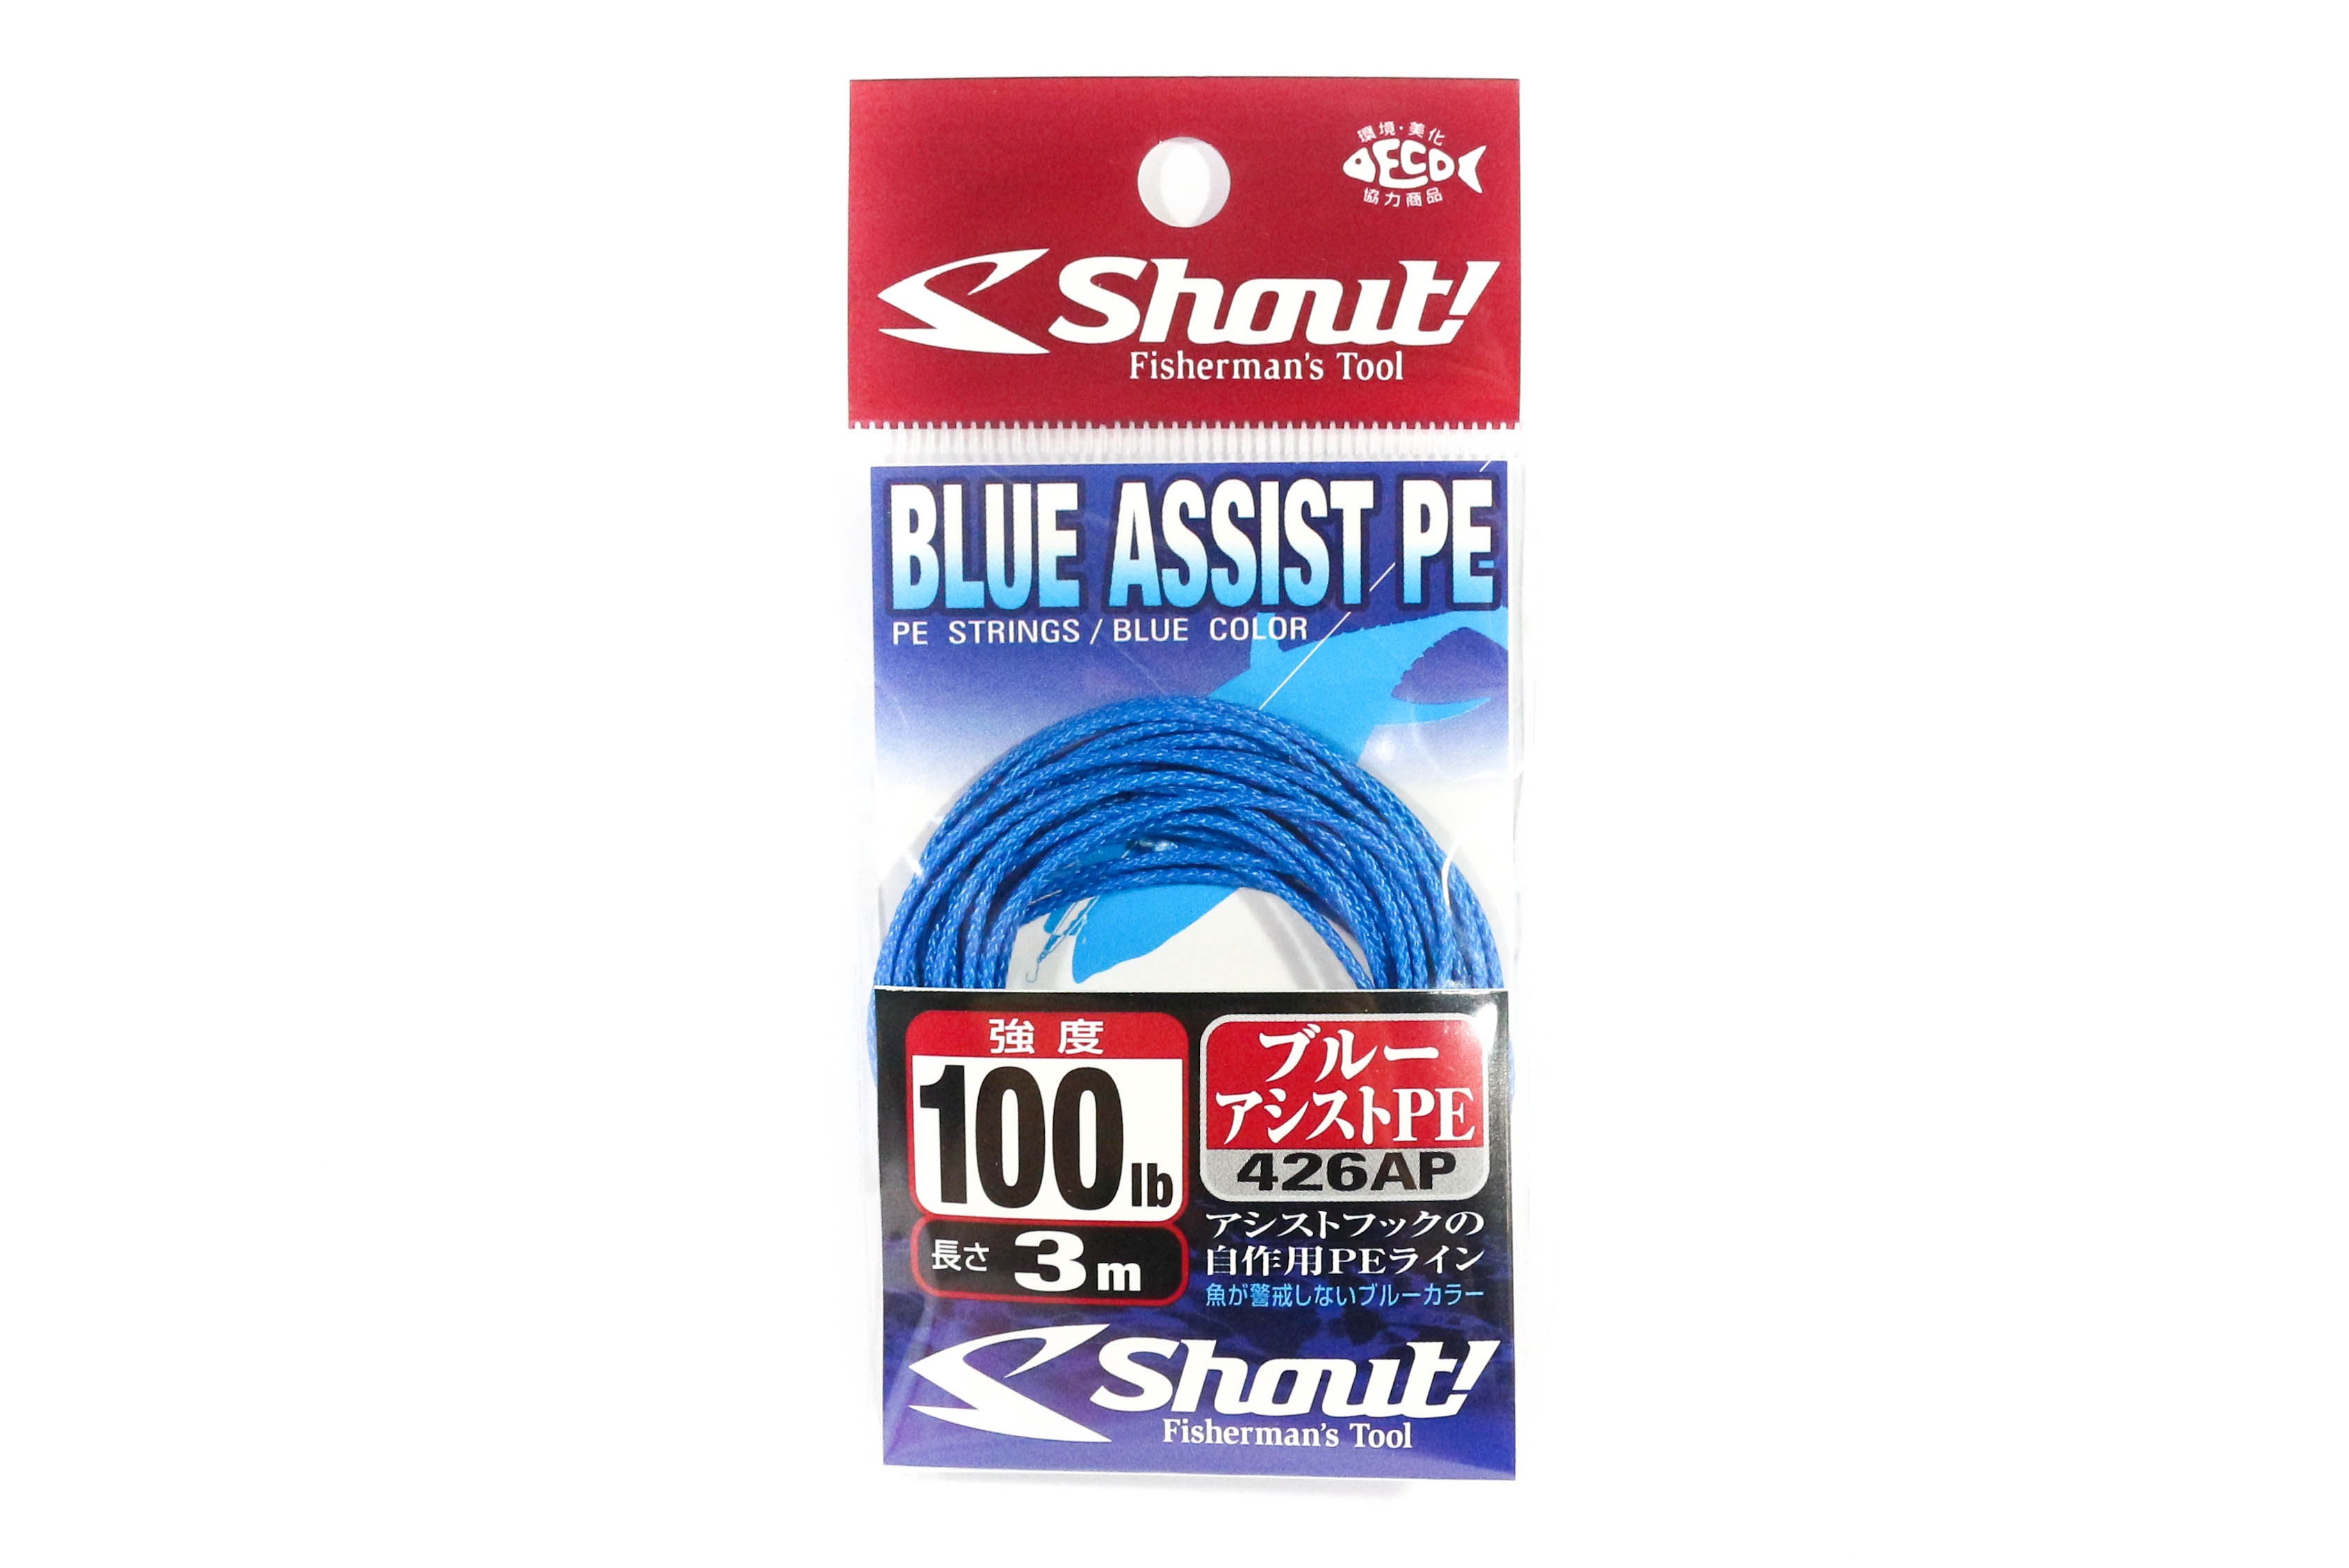 Shout 426-AP Blue Assist P.E Line Assist Rope Inner Core 3 meters 100LB (4657)